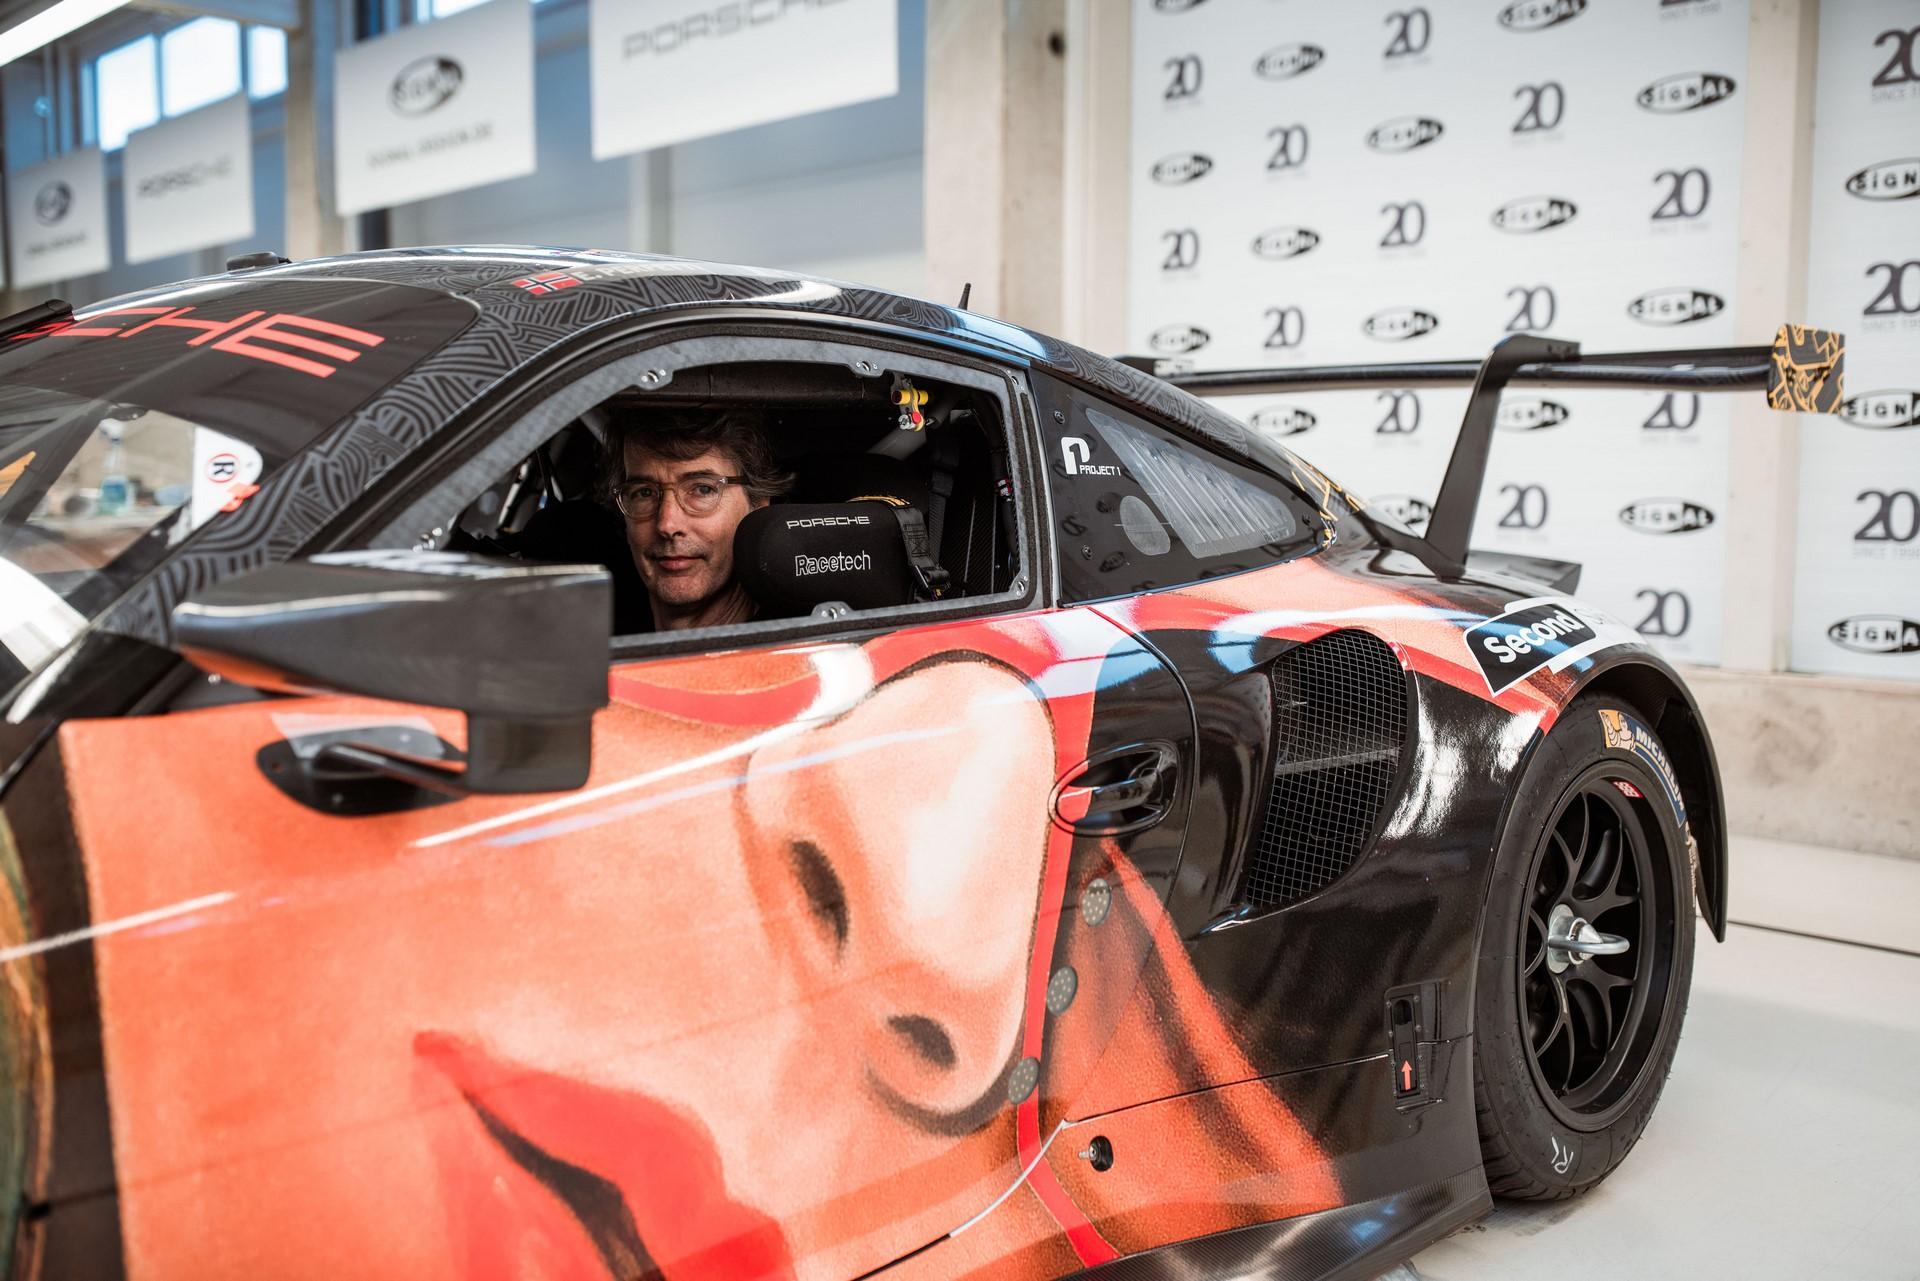 Porsche-911-RSR-car-art-Project-1-Motorsport-5